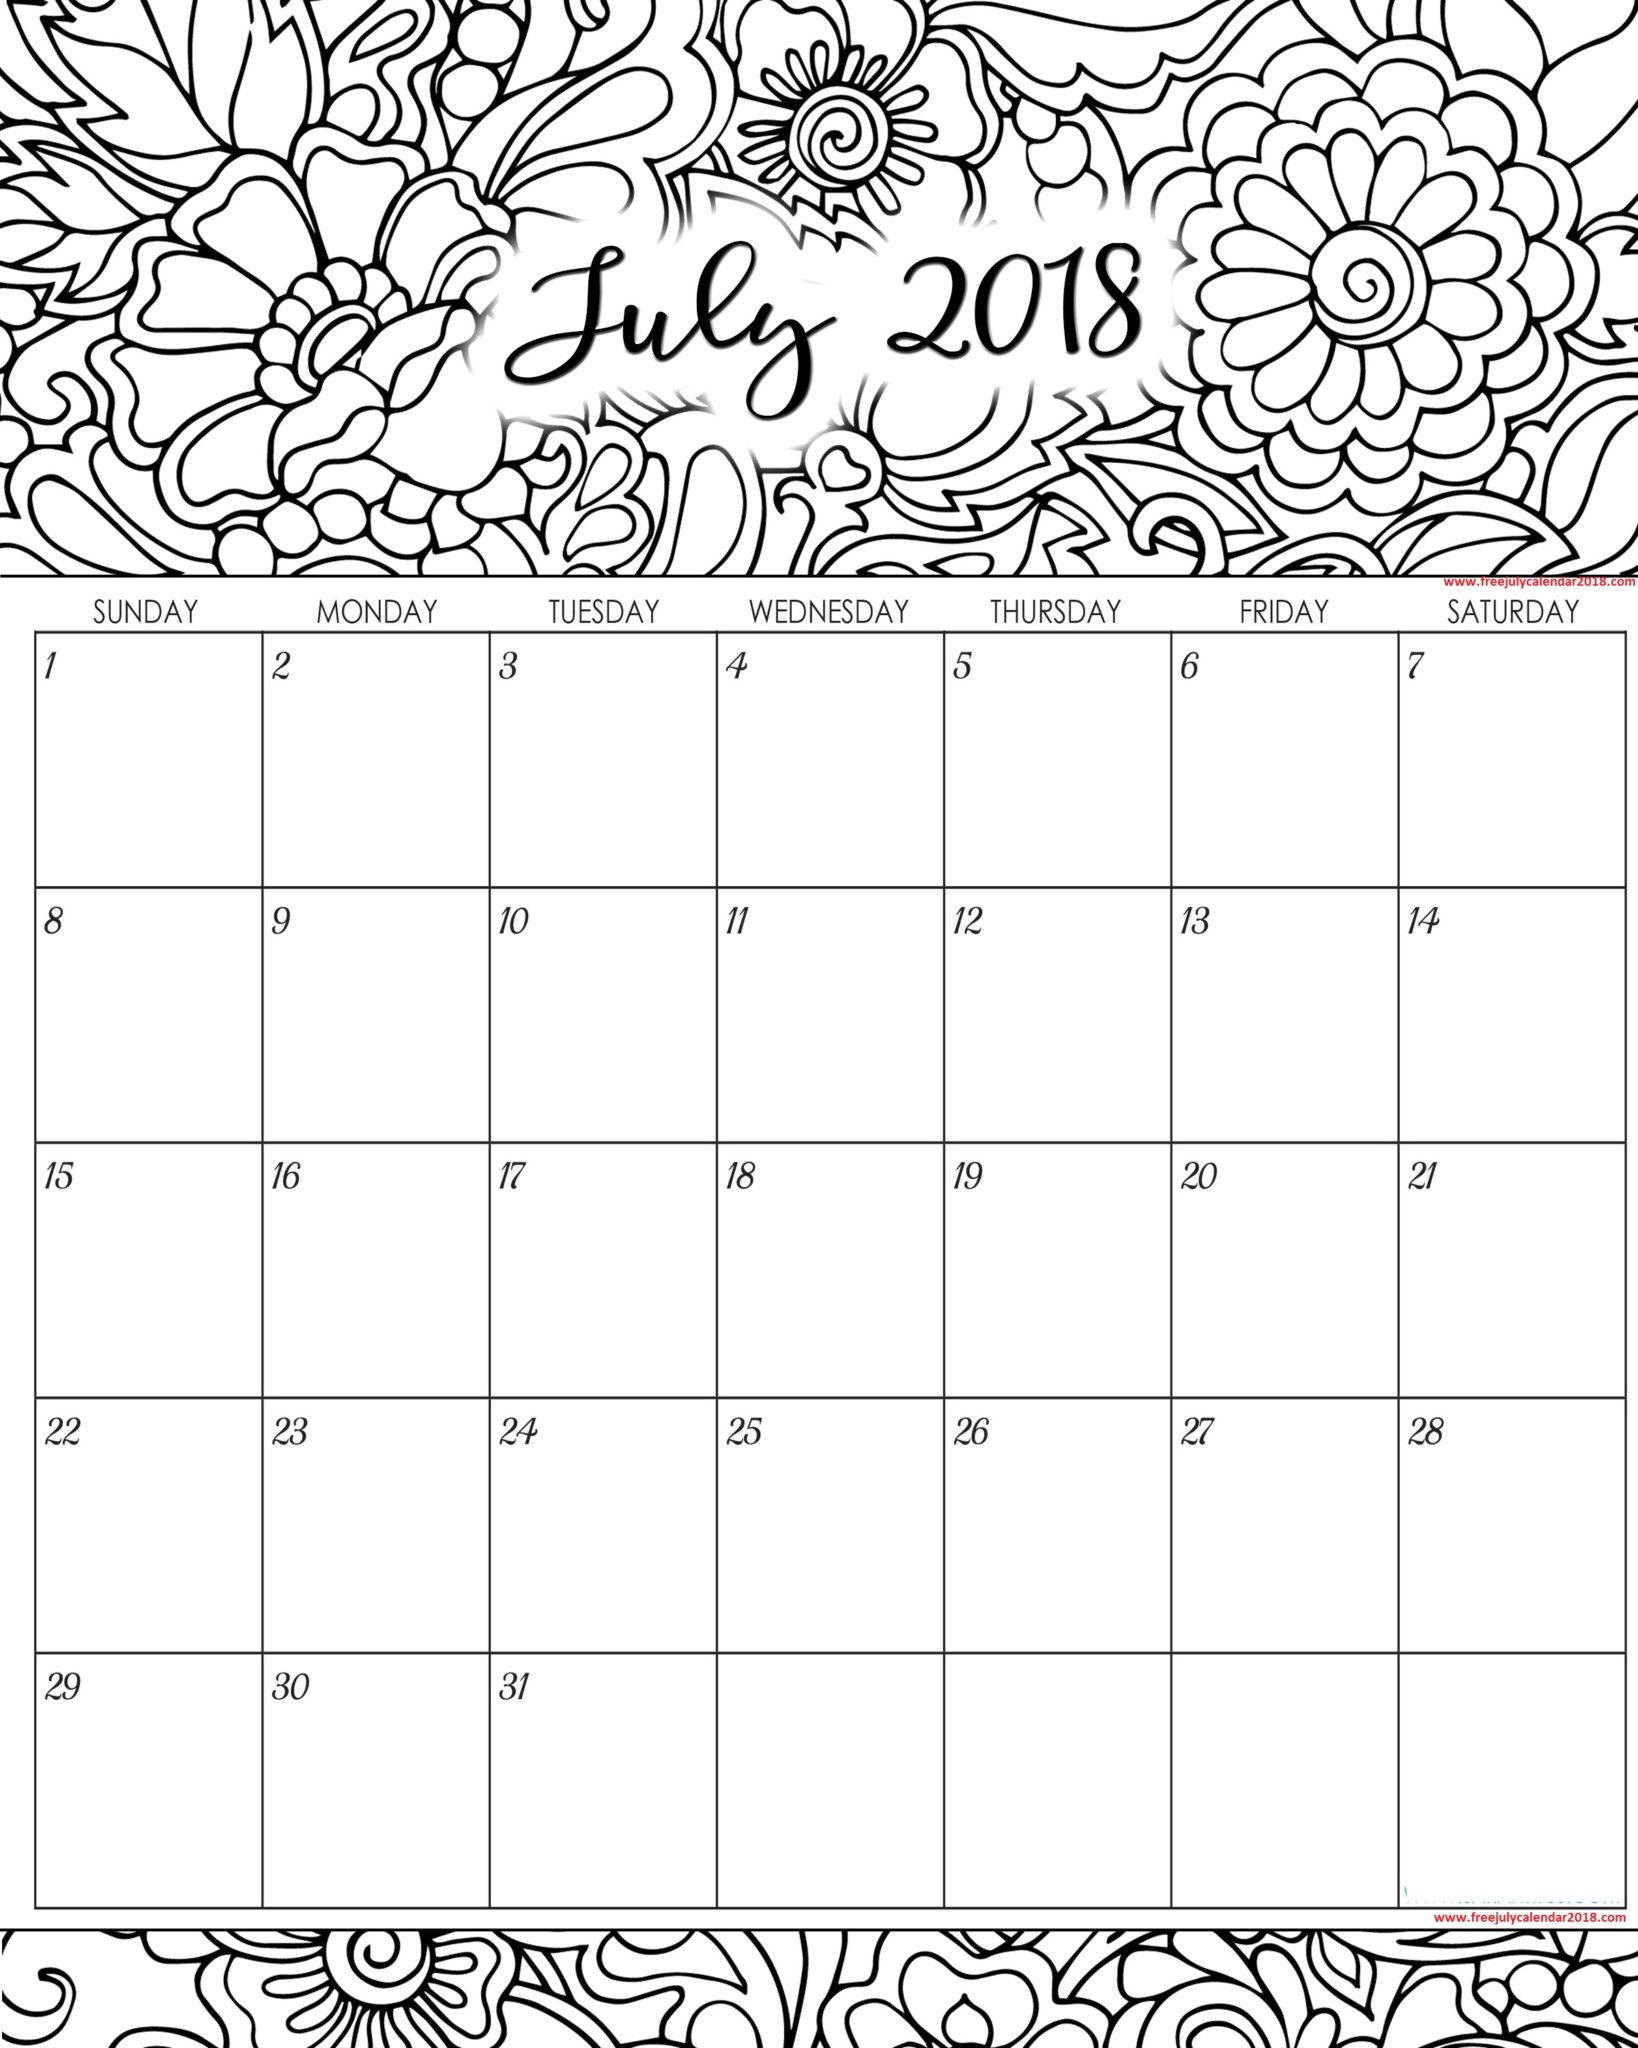 Decorative July 2018 Calendar Template